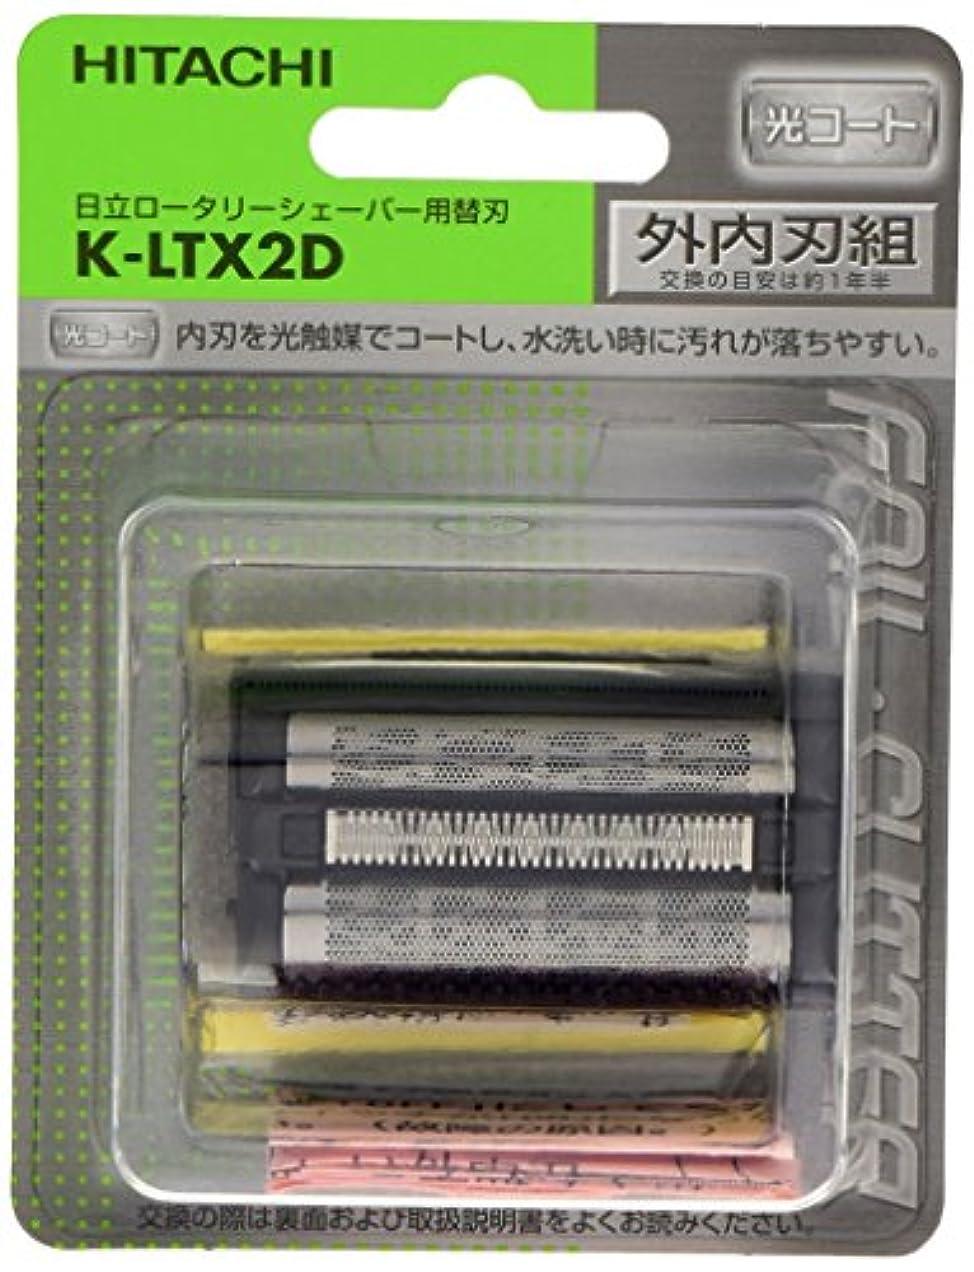 追い払うインセンティブ塩辛い日立 替刃 外刃?内刃一体型 K-LTX2D